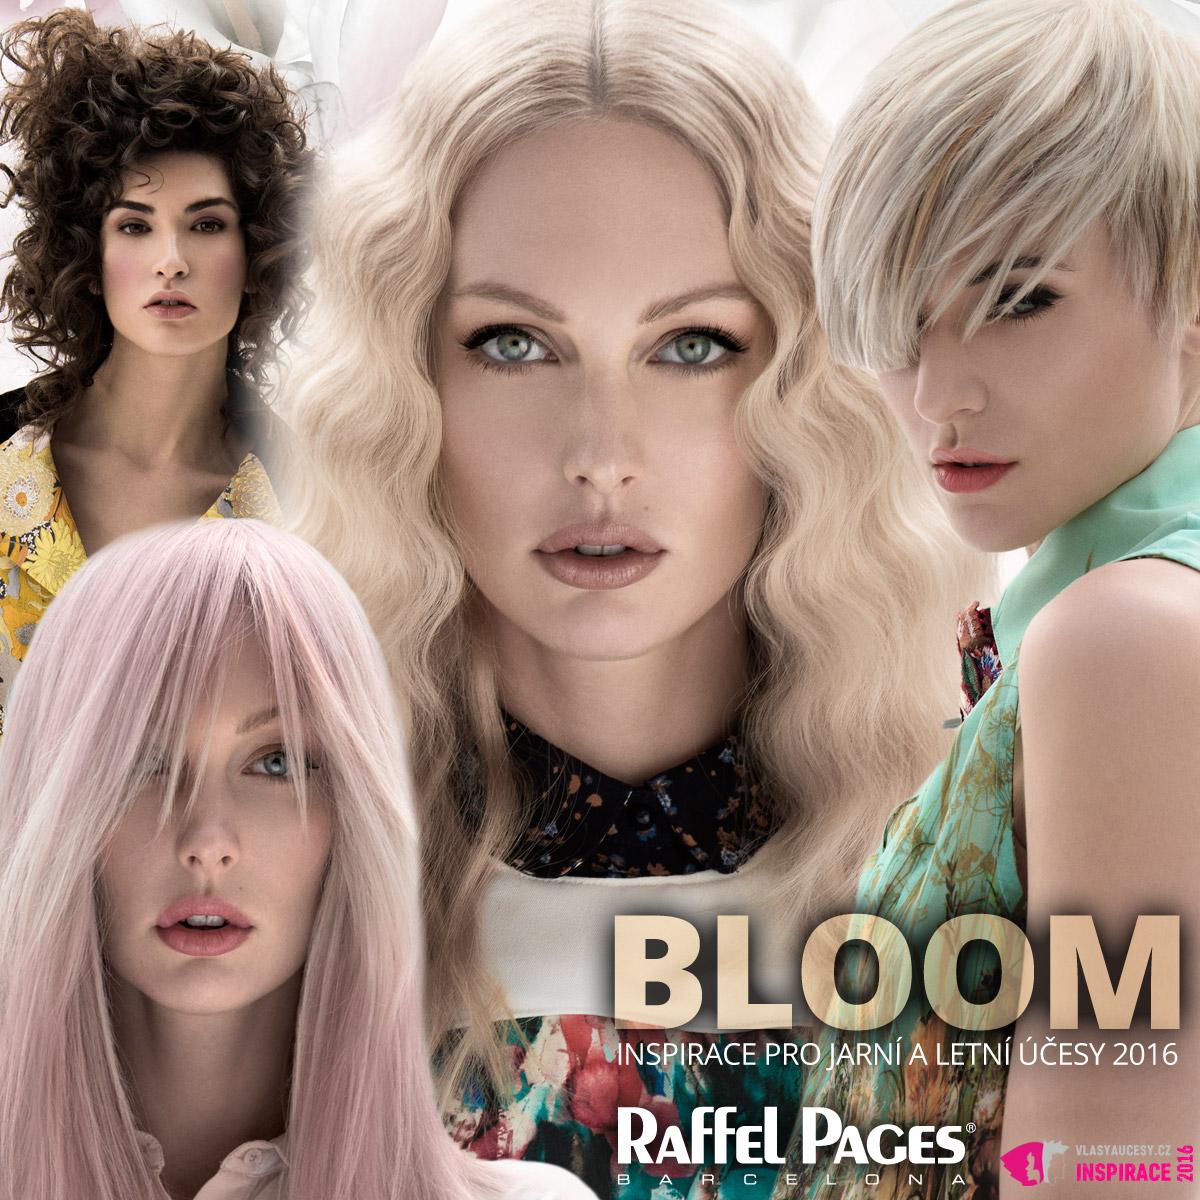 Inspirace pro jarní a letní účesy 2016 podle Raffael Pages Barcelona – kolekce Bloom.